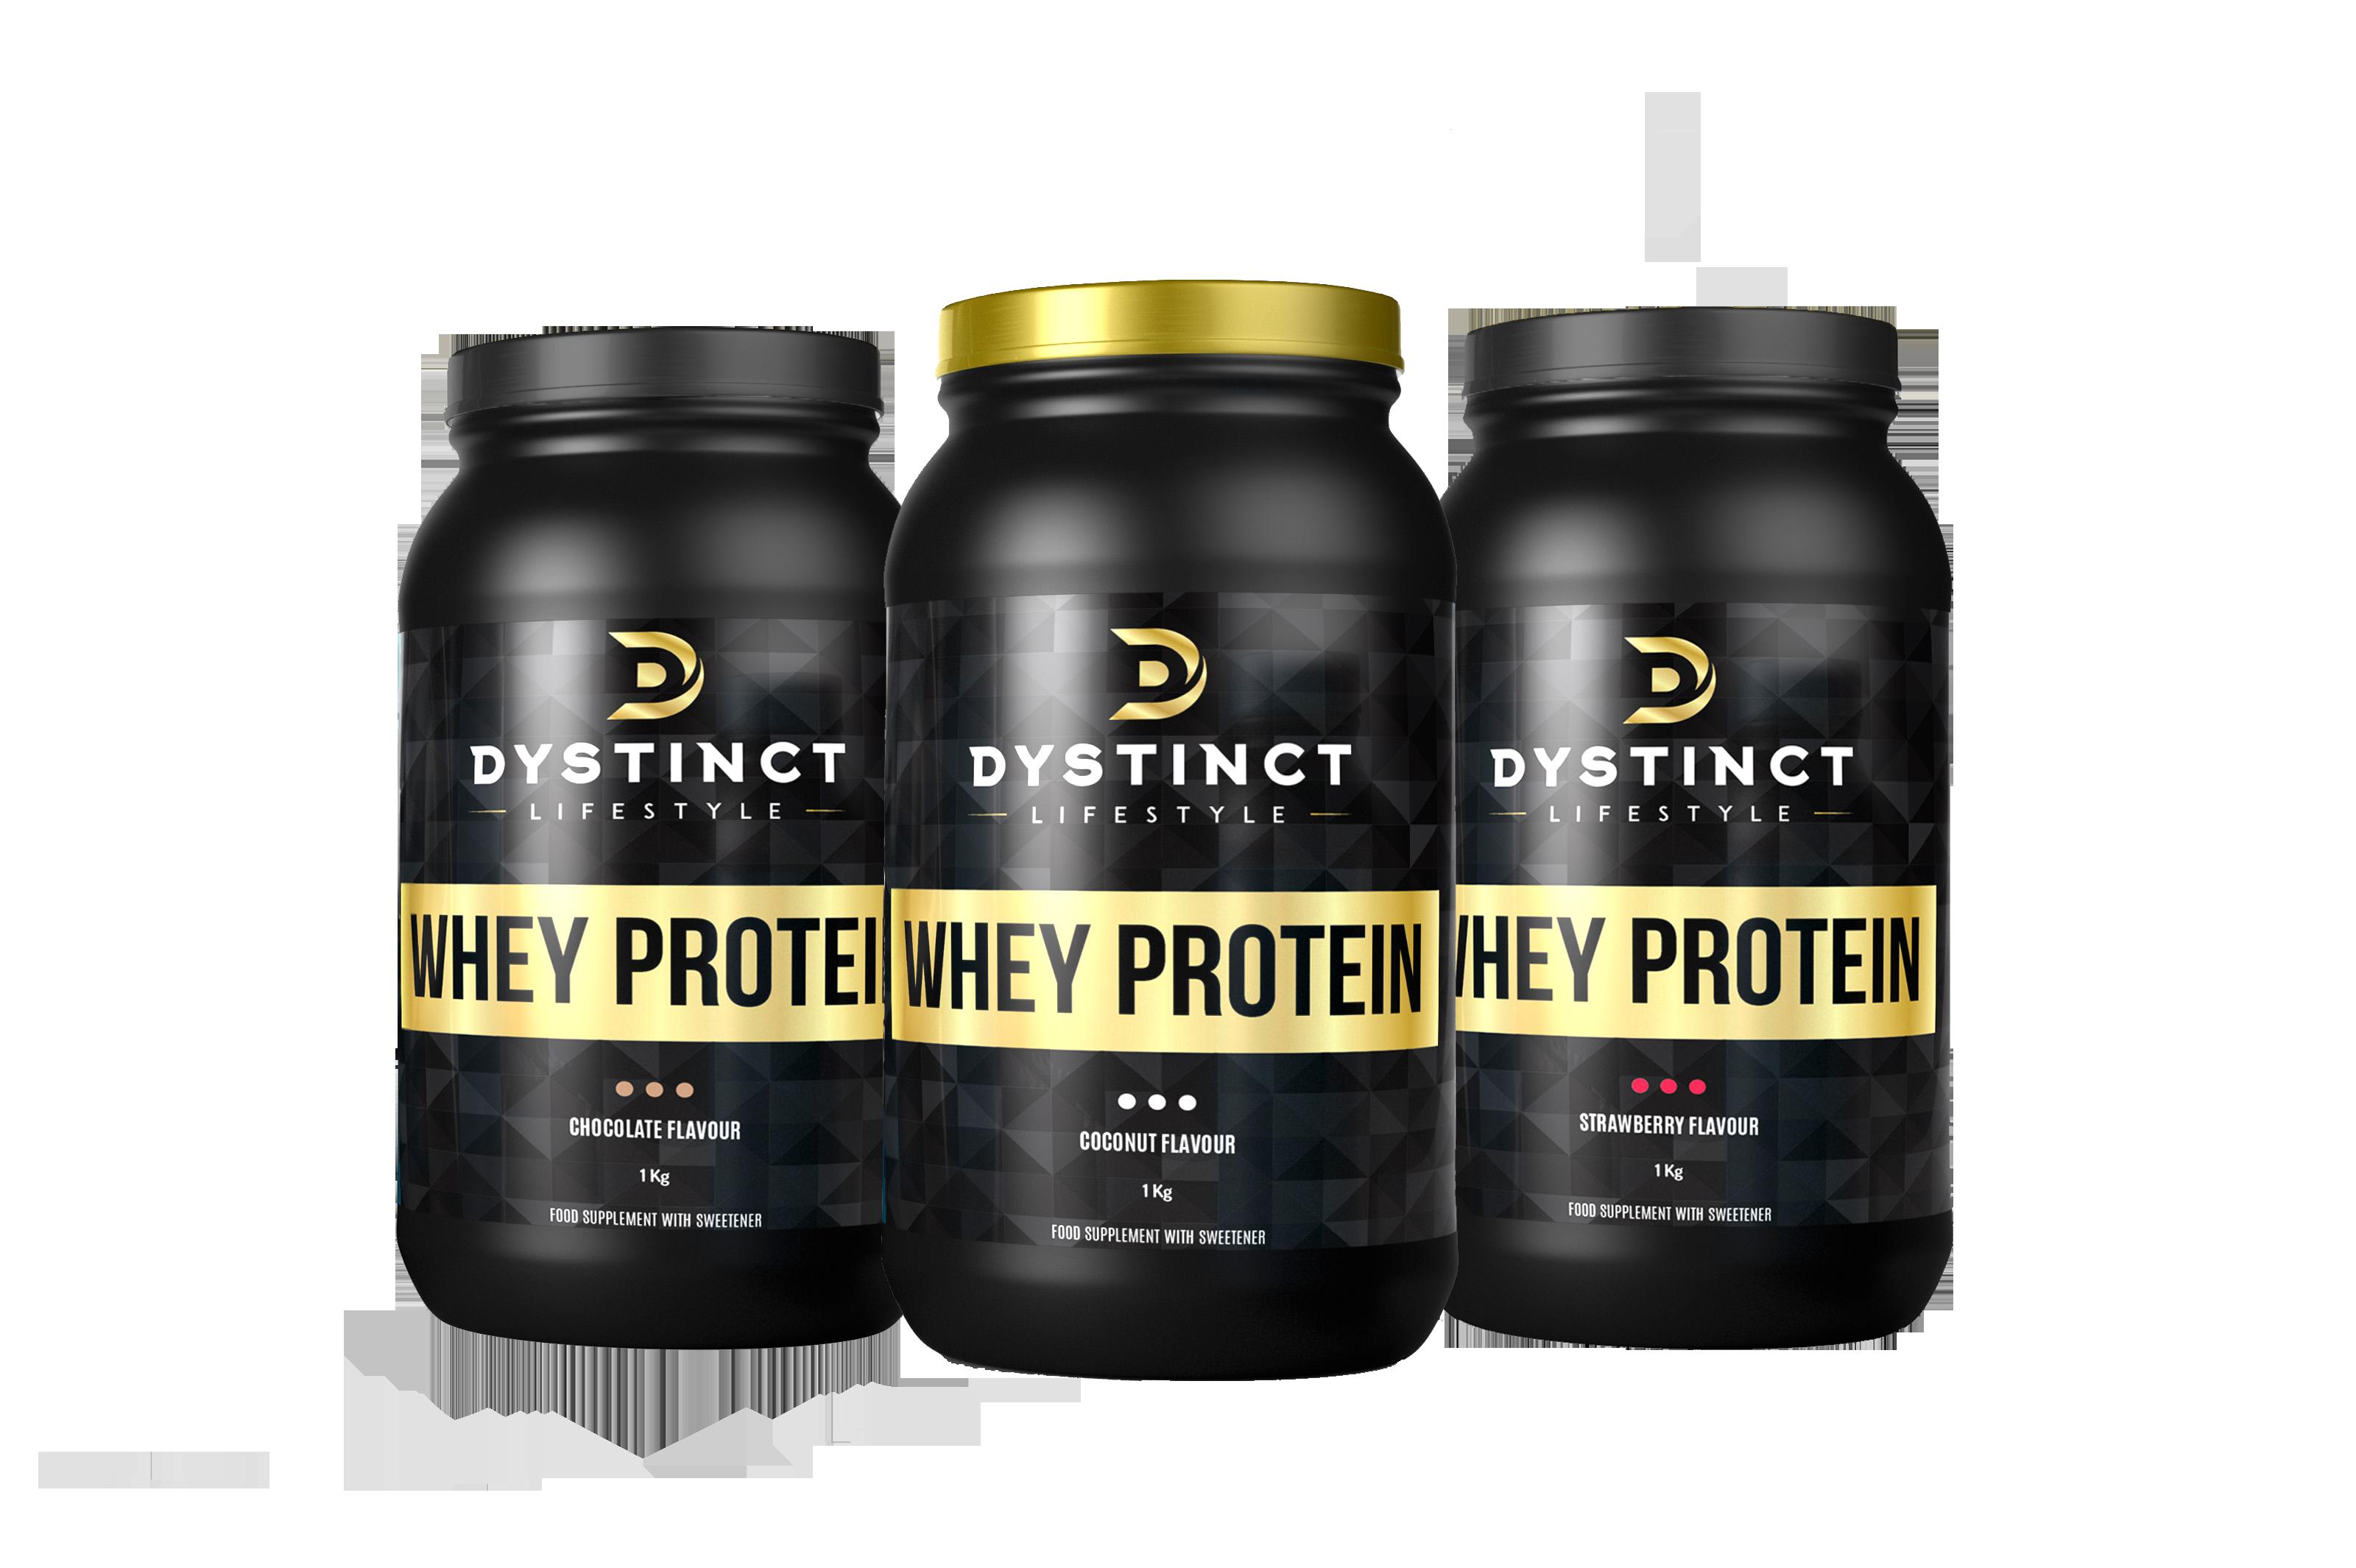 Kilo vermek için protein tozu ile Etiketlenen Konular